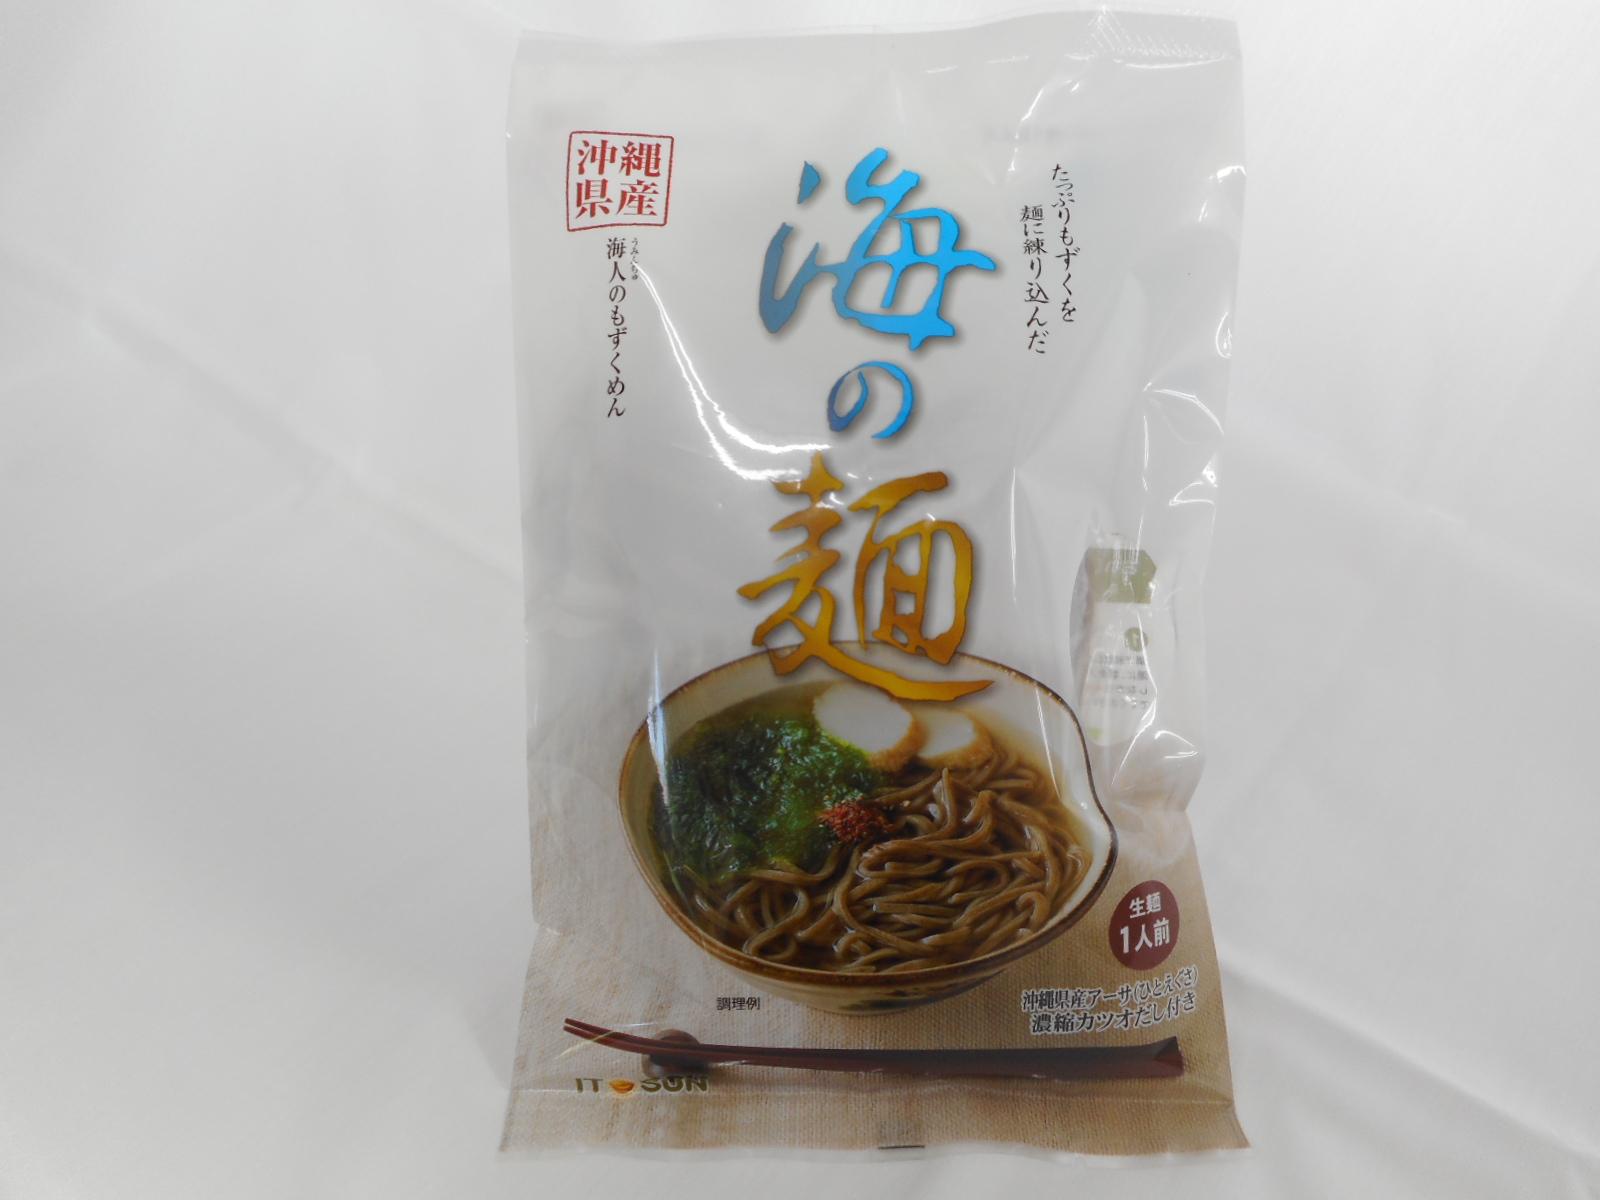 沖縄のモズク入り麺